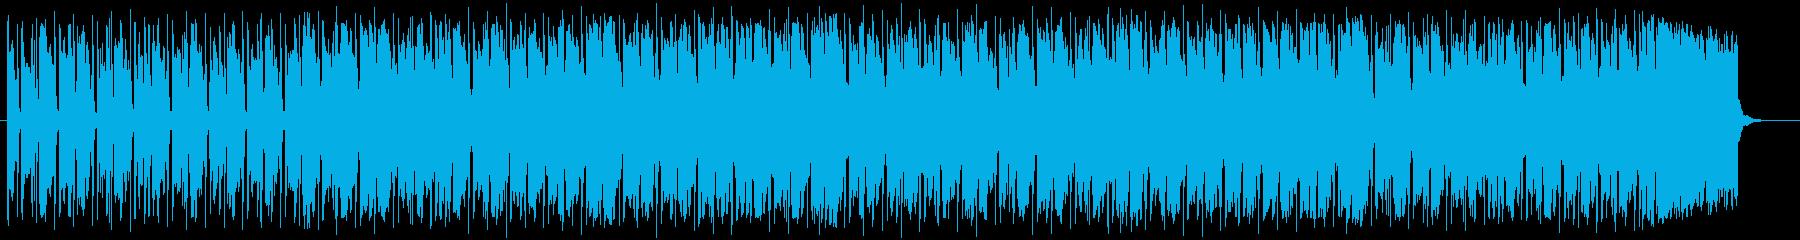 明るい爽やかなシンセサイザーの曲の再生済みの波形